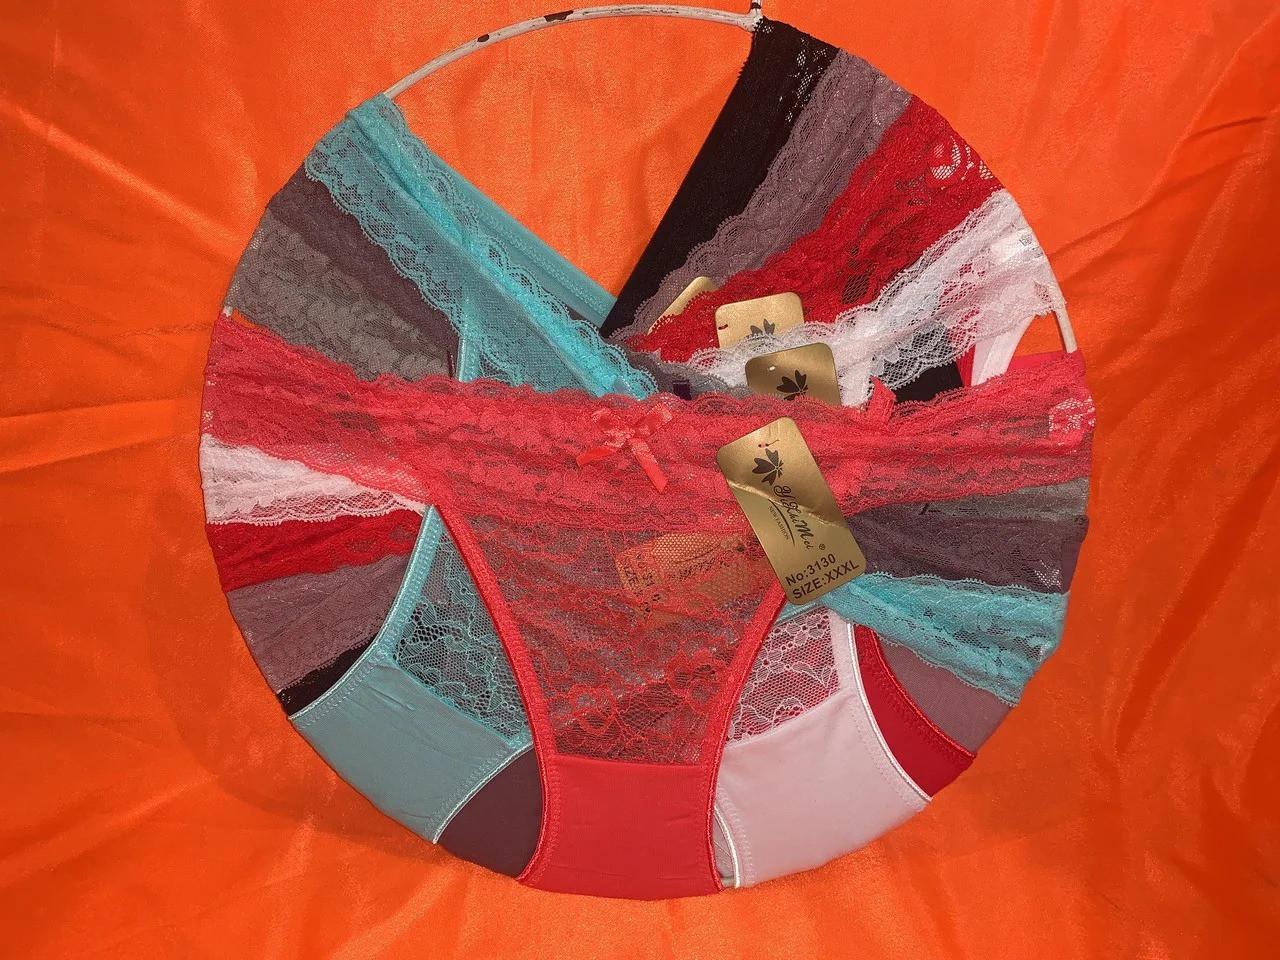 Женские трусики с кружевом Р.р 44-48 один цвет в упаковке